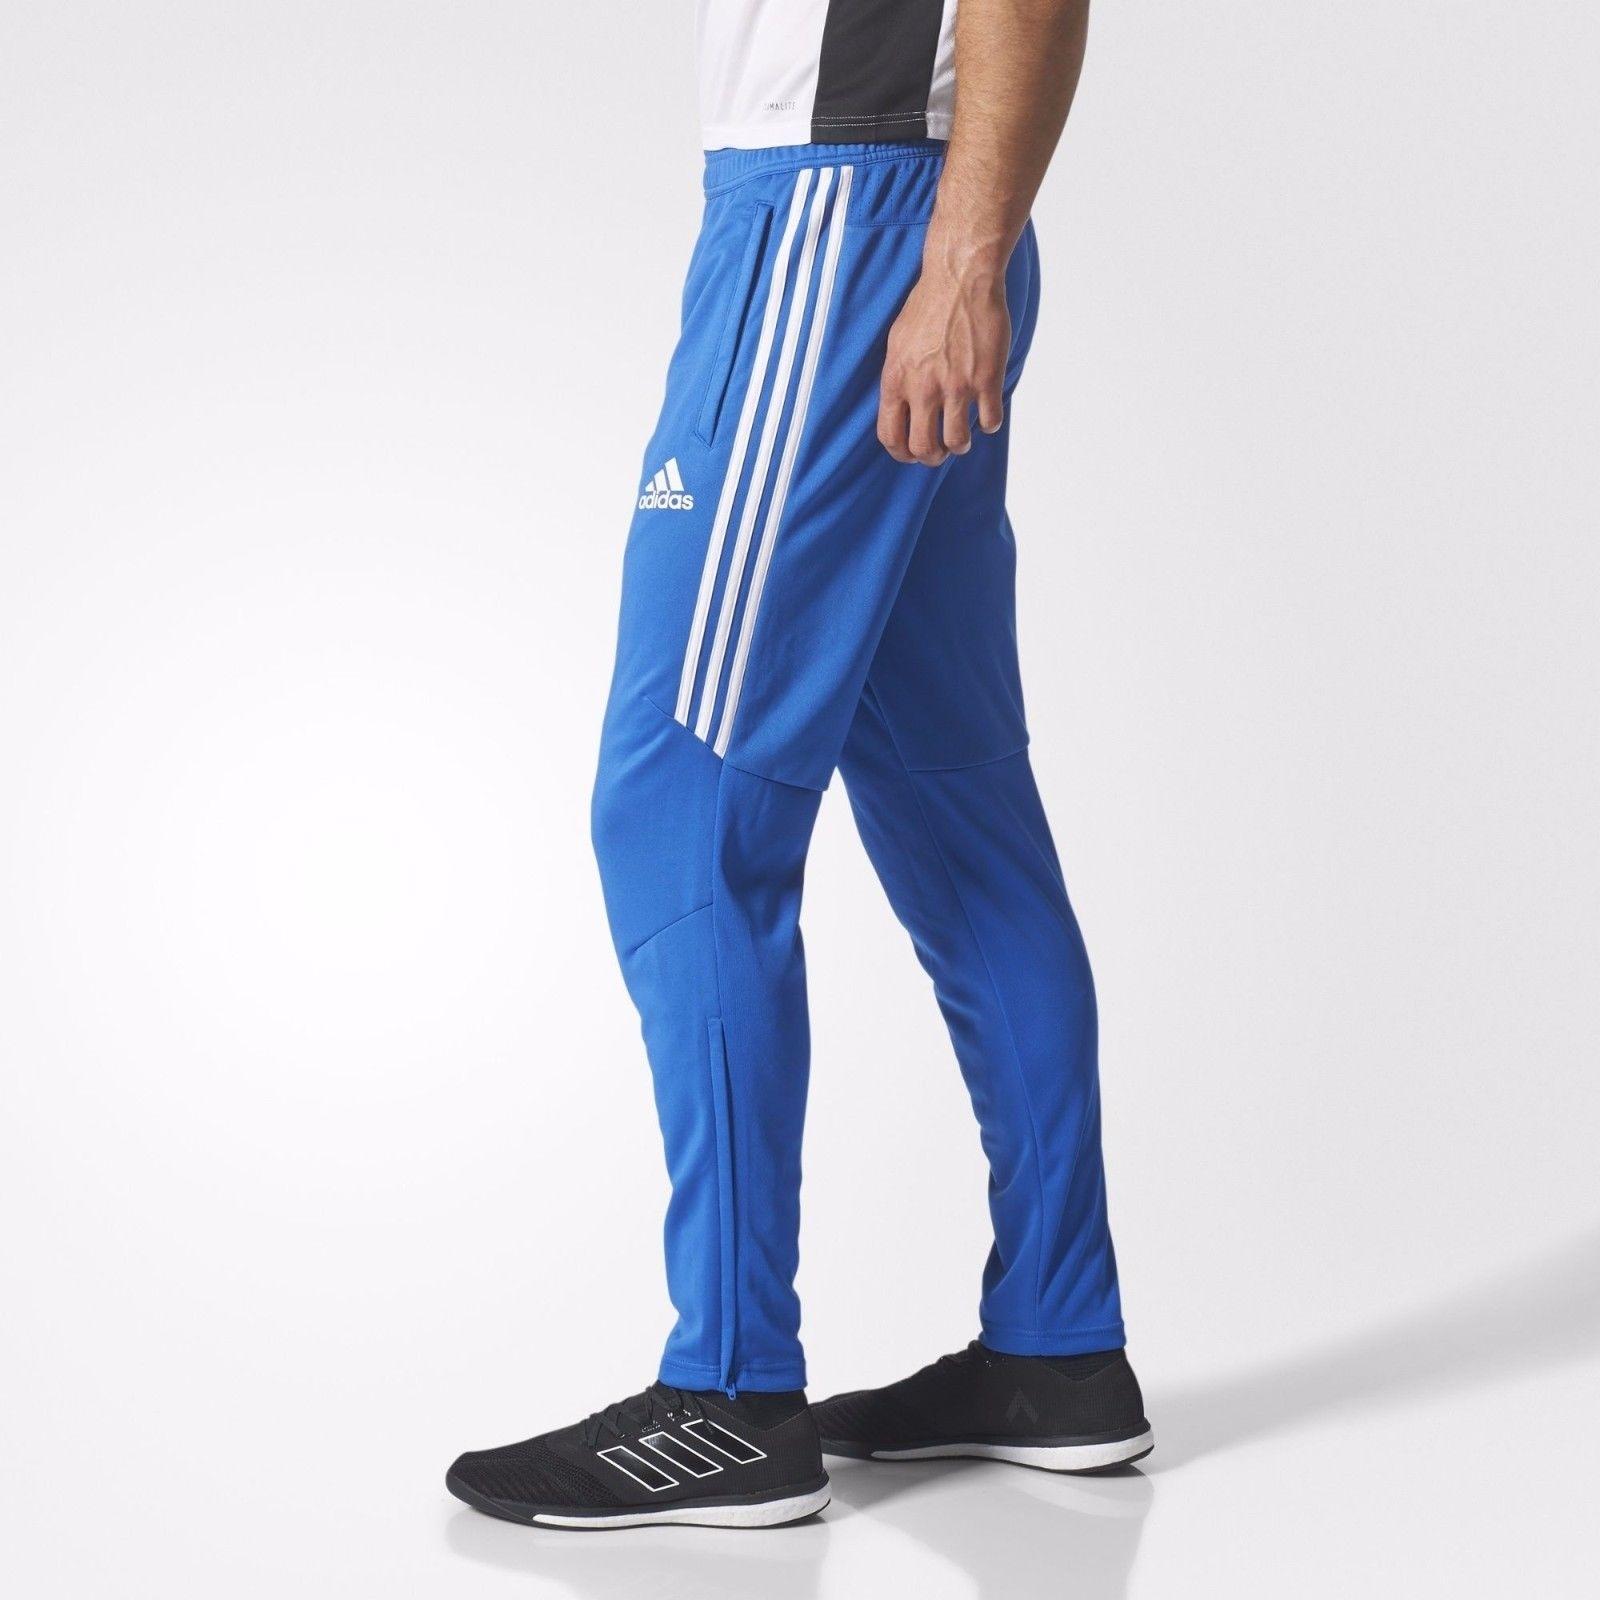 36ca730935e5 Мужские спортивные штаны Adidas TIRO 17 TRG PNT, синий/бел. ZAF